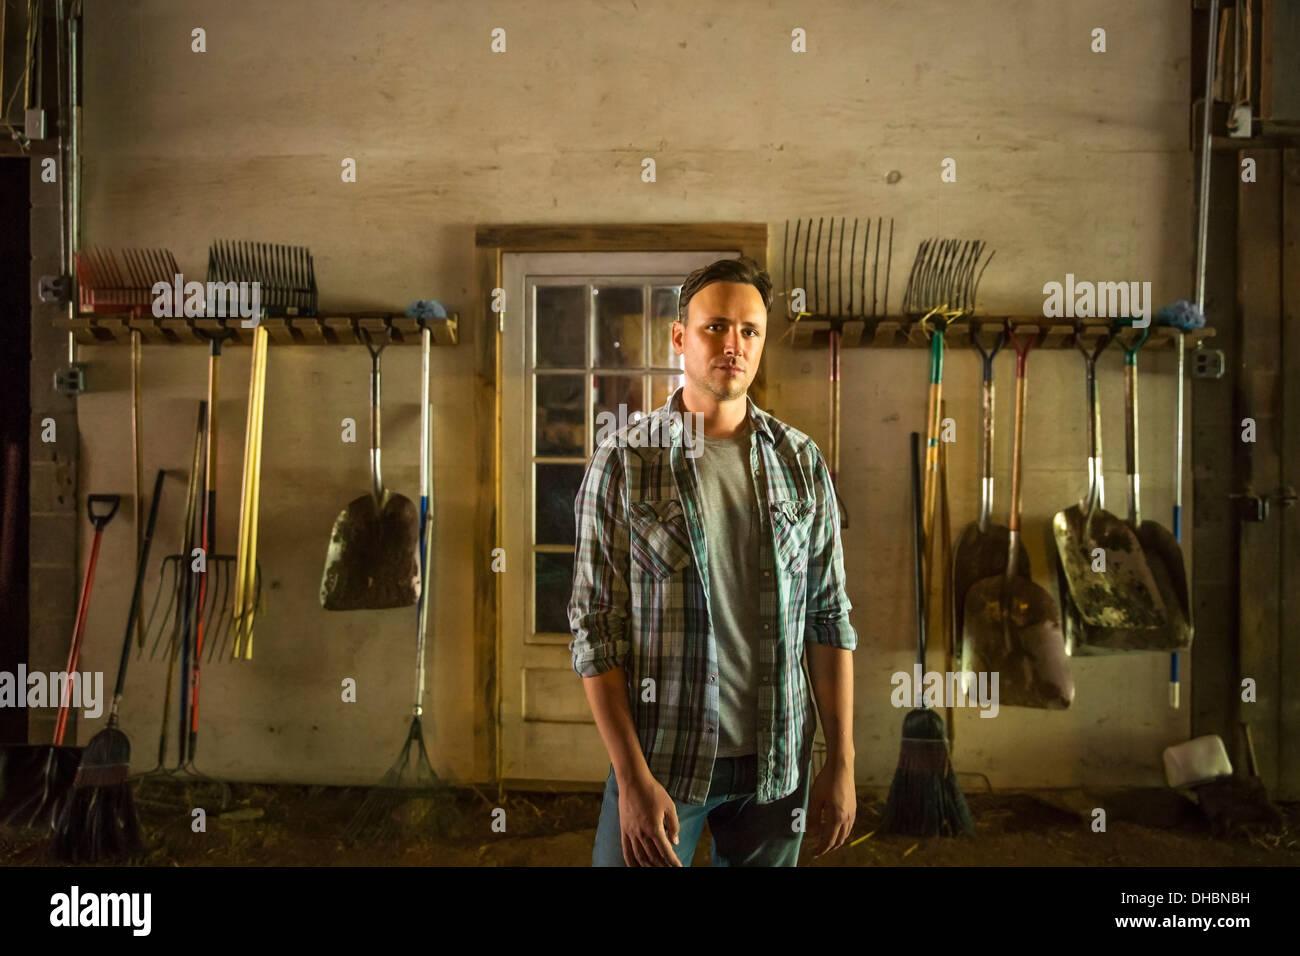 Ein Bio-Bauernhof in den Catskills. Ein Mann steht in einer Scheune mit Geräten, die an den Wänden gespeichert. Stockbild